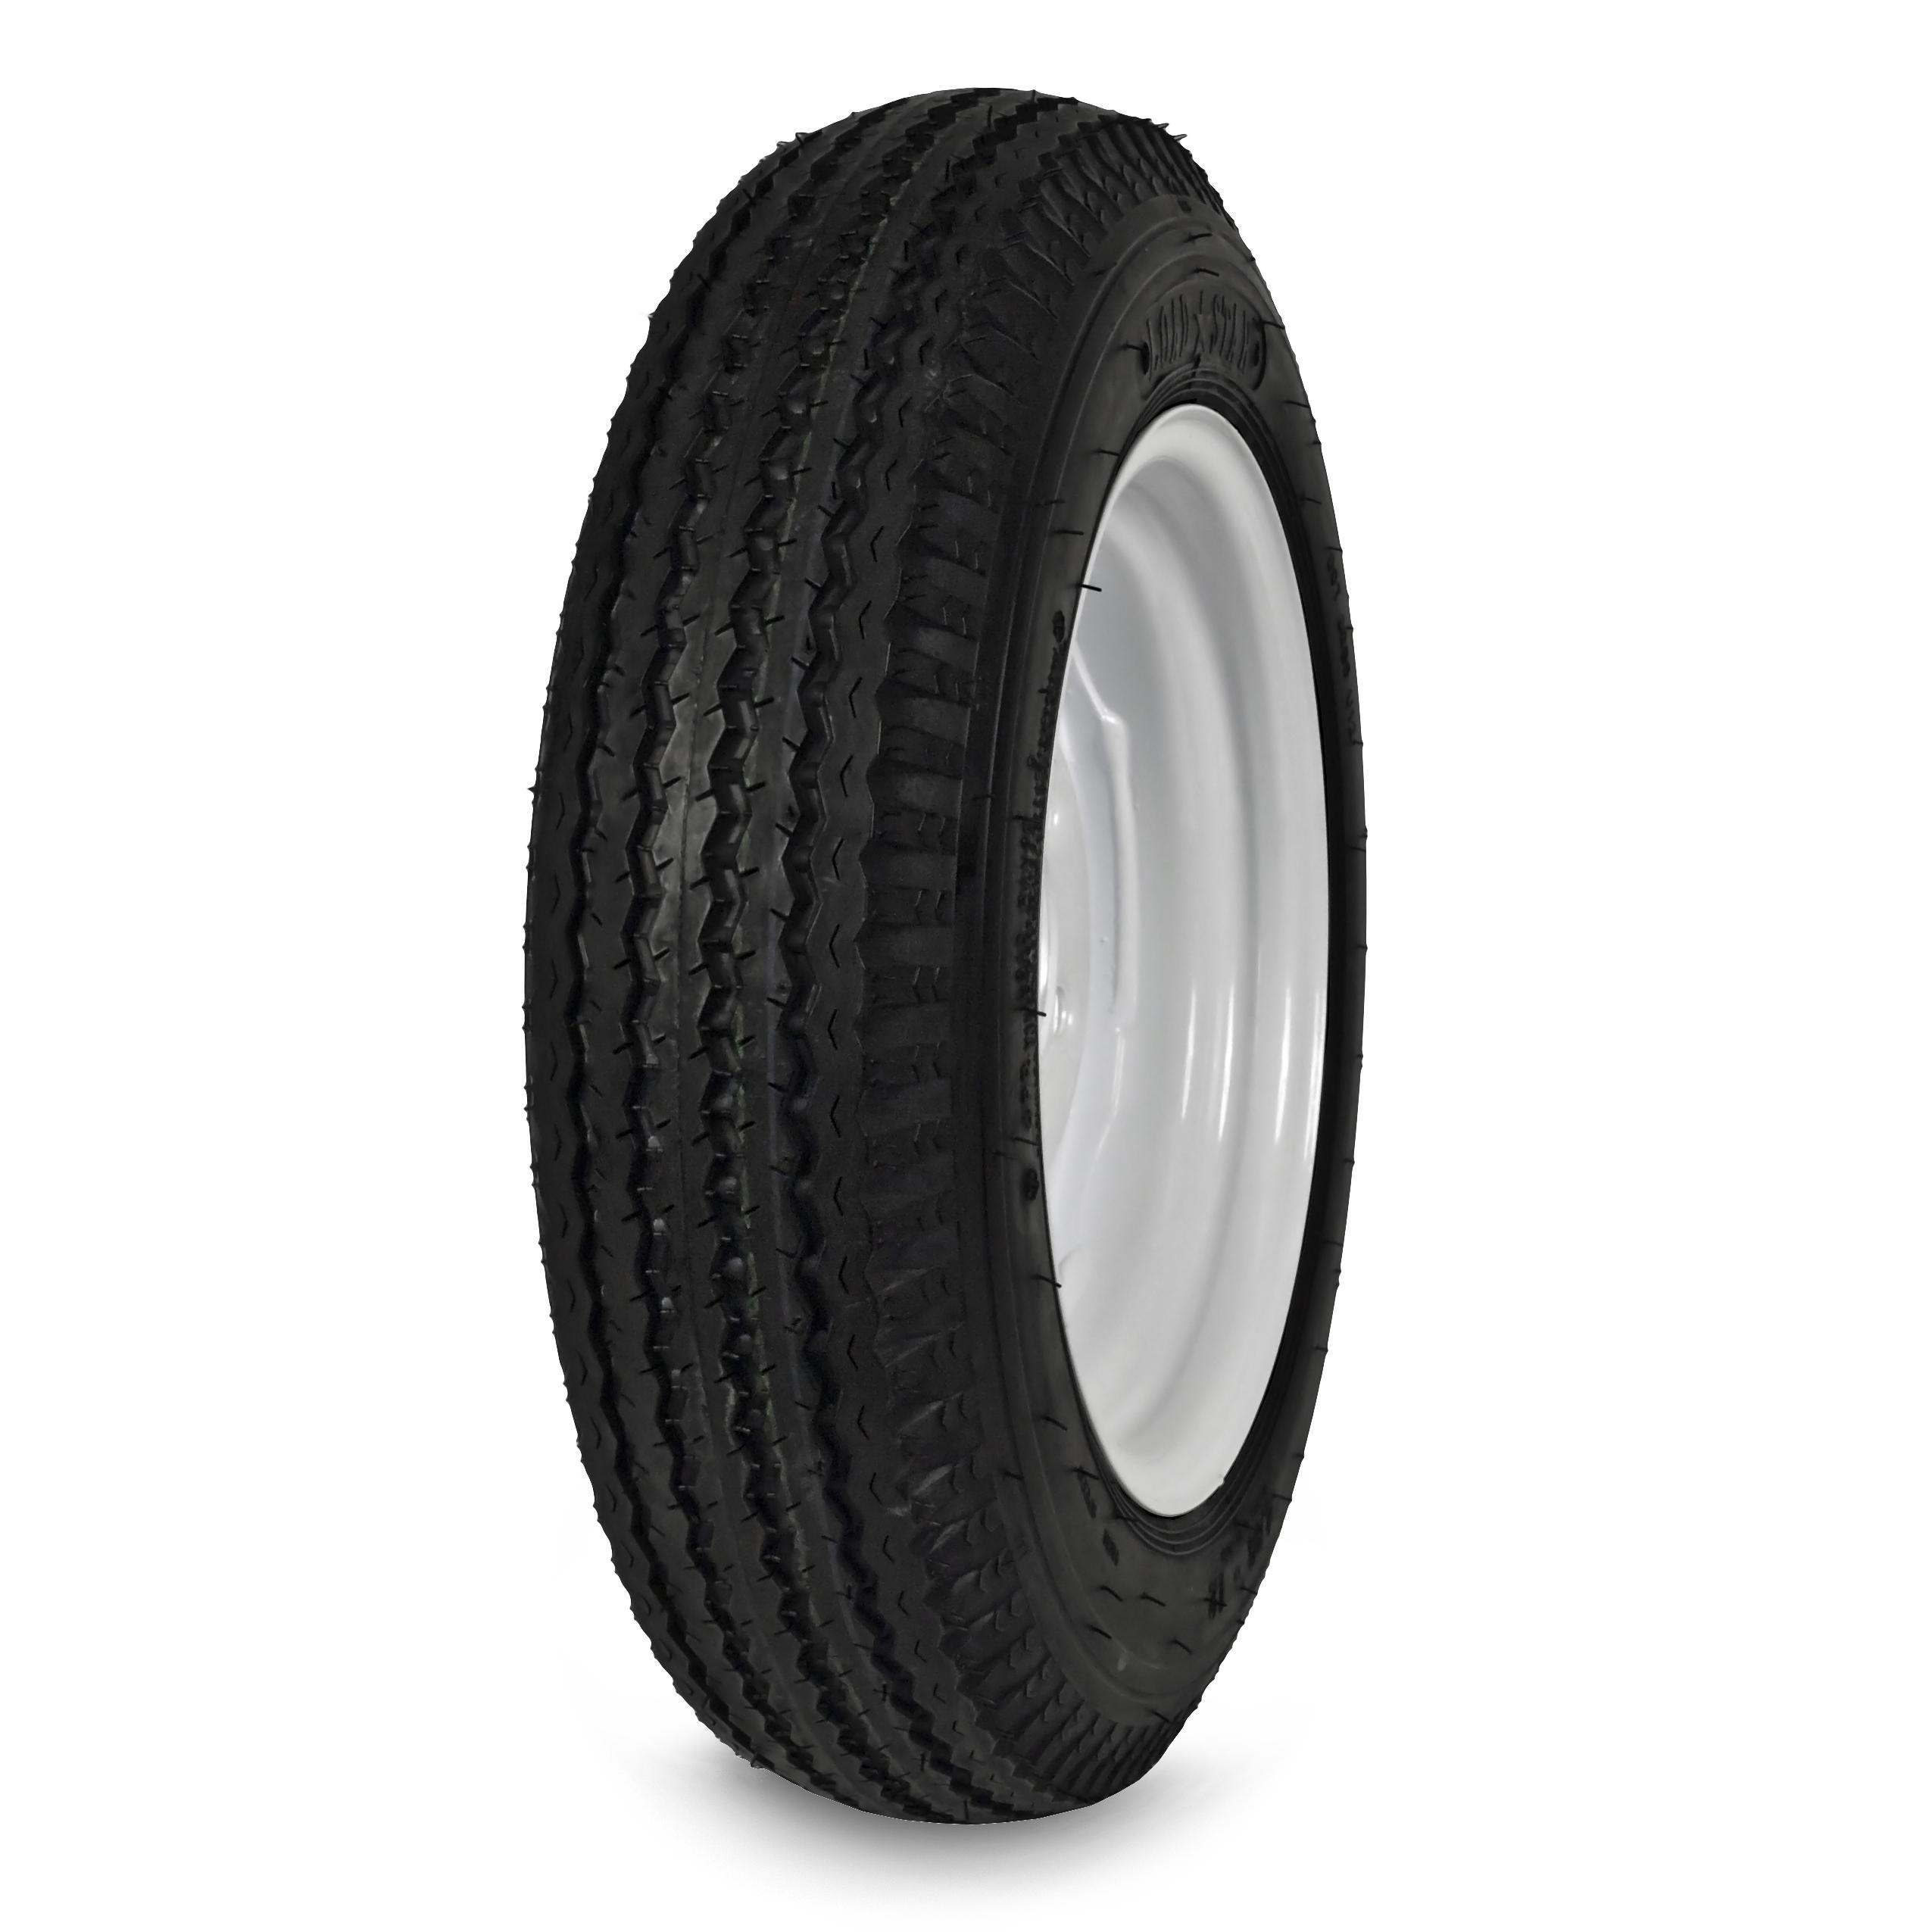 KENDA 408C-I Loadstar Highway Rated Trailer Tire - 480/400-8 Load Range C PartNumber: 07189291000P KsnValue: 8155729 MfgPartNumber: 408C-I